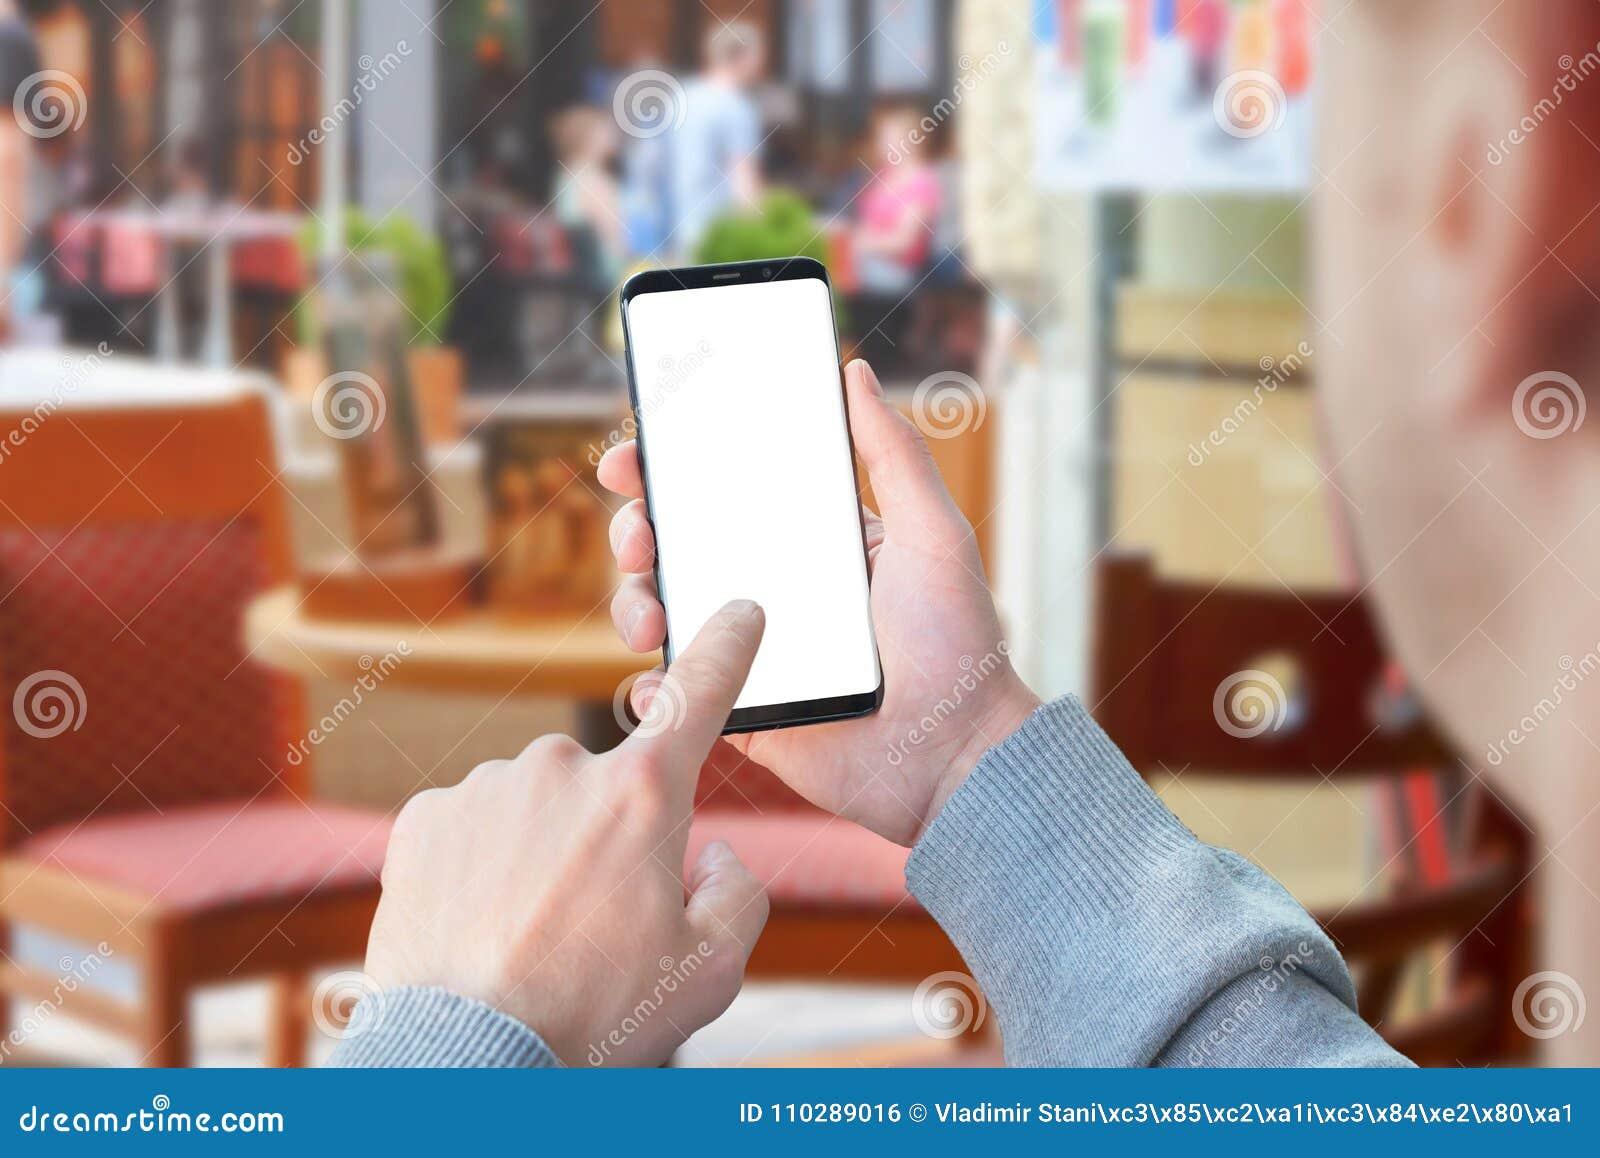 De mobiele telefoon van het mensengebruik met het geïsoleerde scherm voor model in koffiewinkel